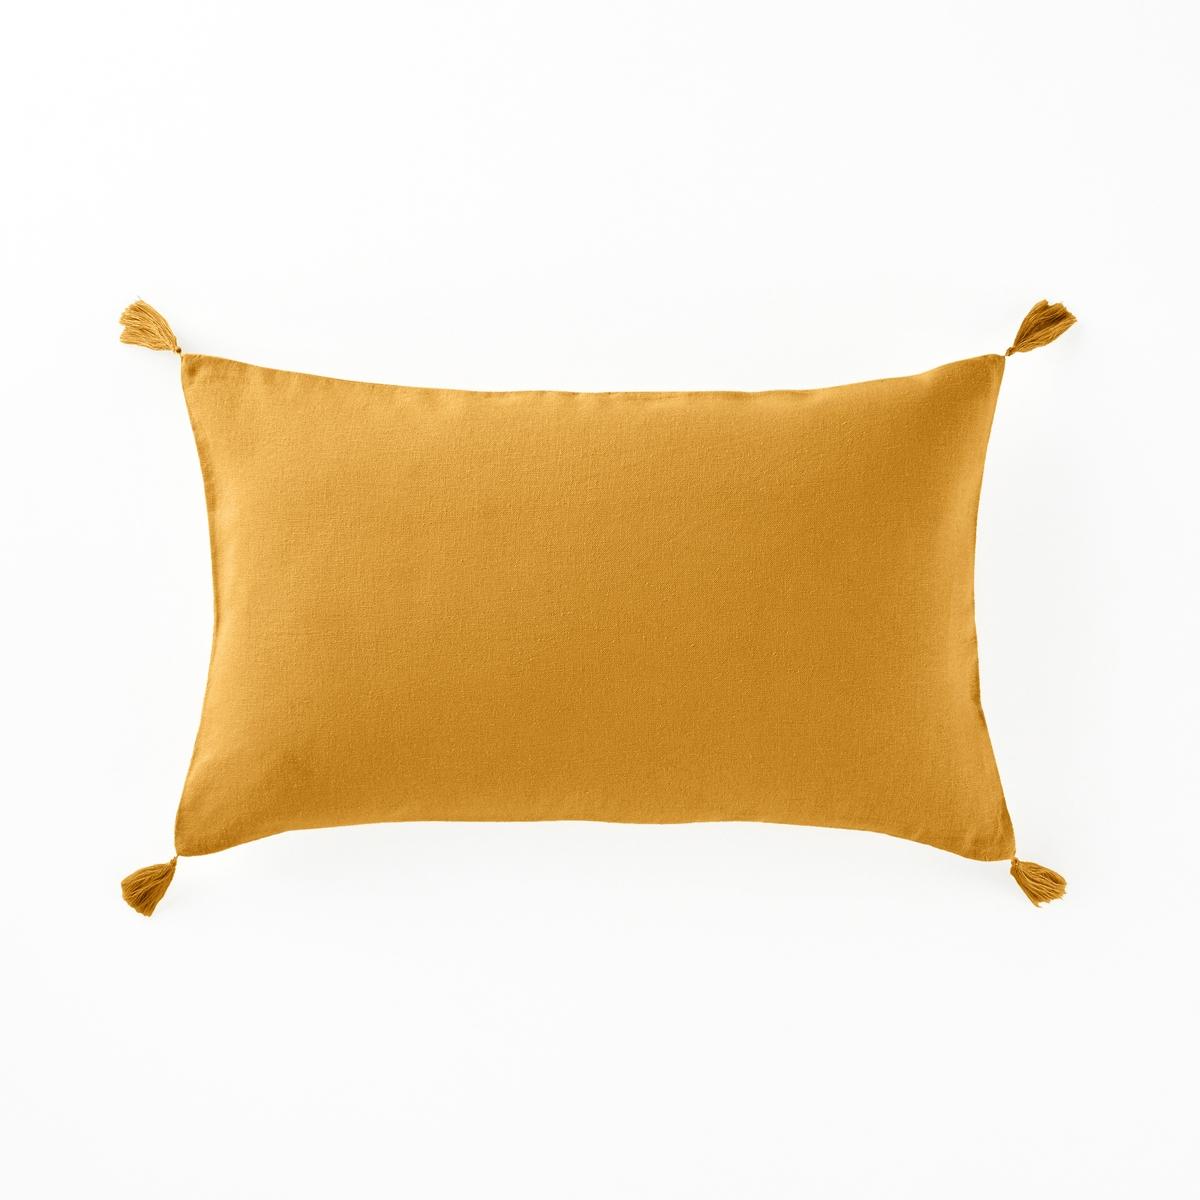 Наволочка на подушку-валик из льна и вискозы, OdorieХарактеристики чехла для подушки :Материал : 55% льна, 45% вискозыЗастежка на скрытую молнию. Уход : Машинная стирка при 40 °С. Отделка кисточками по 4 углам.Размеры наволочки на подушку-валик :50 x 30 см.    Уход :Следуйте рекомендациям по уходу, указанным на этикетке изделия.  Знак Oeko-Tex® гарантирует, что товары прошли проверку и были изготовлены без применения вредных для здоровья человека веществ.<br><br>Цвет: шафран